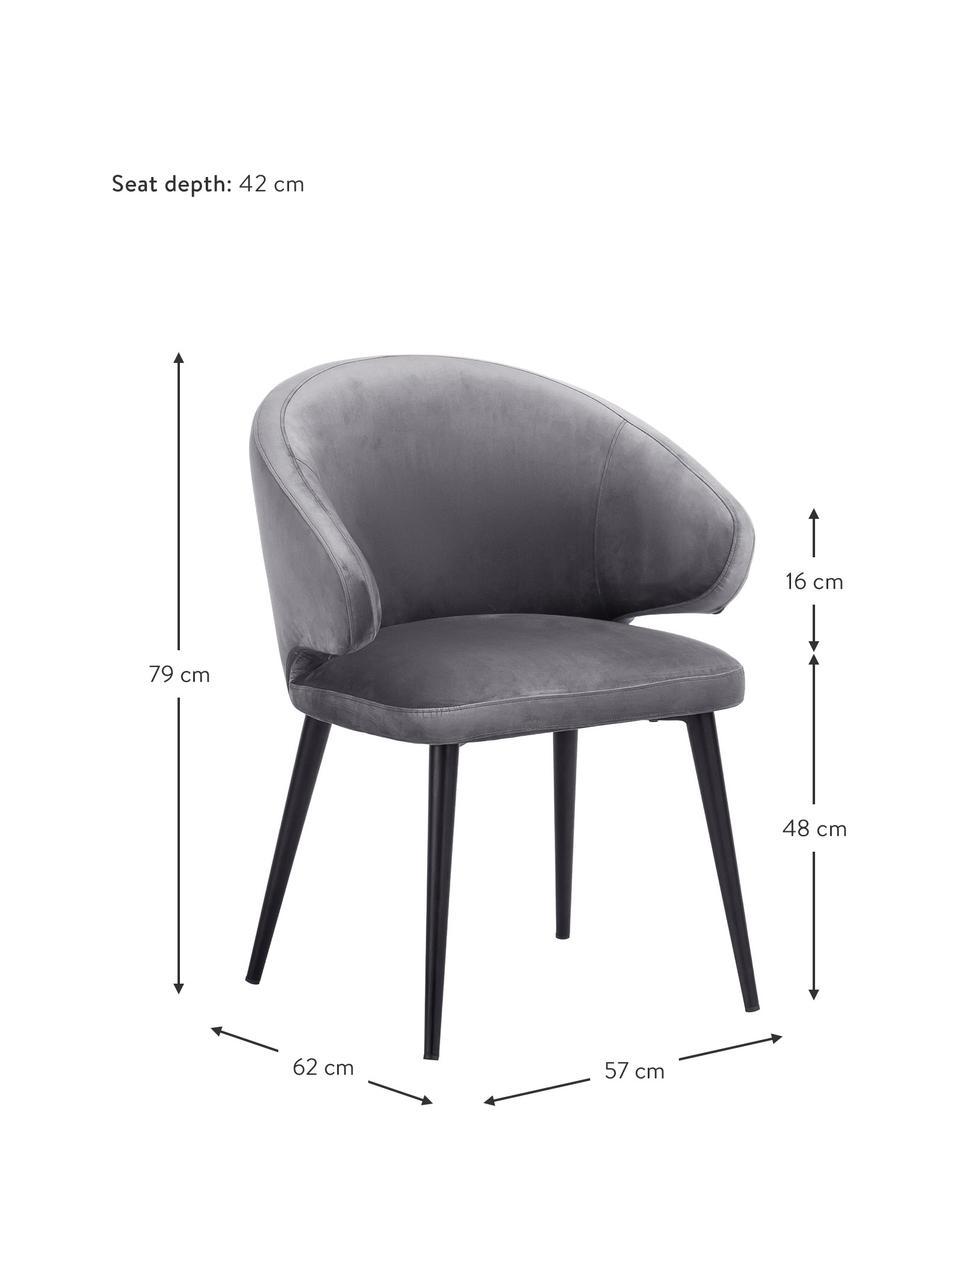 Krzesło z podłokietnikami z aksamitu Celia, Tapicerka: aksamit (poliester) Dzięk, Nogi: metal malowany proszkowo, Aksamitny stalowoszary, S 57 x G 62 cm